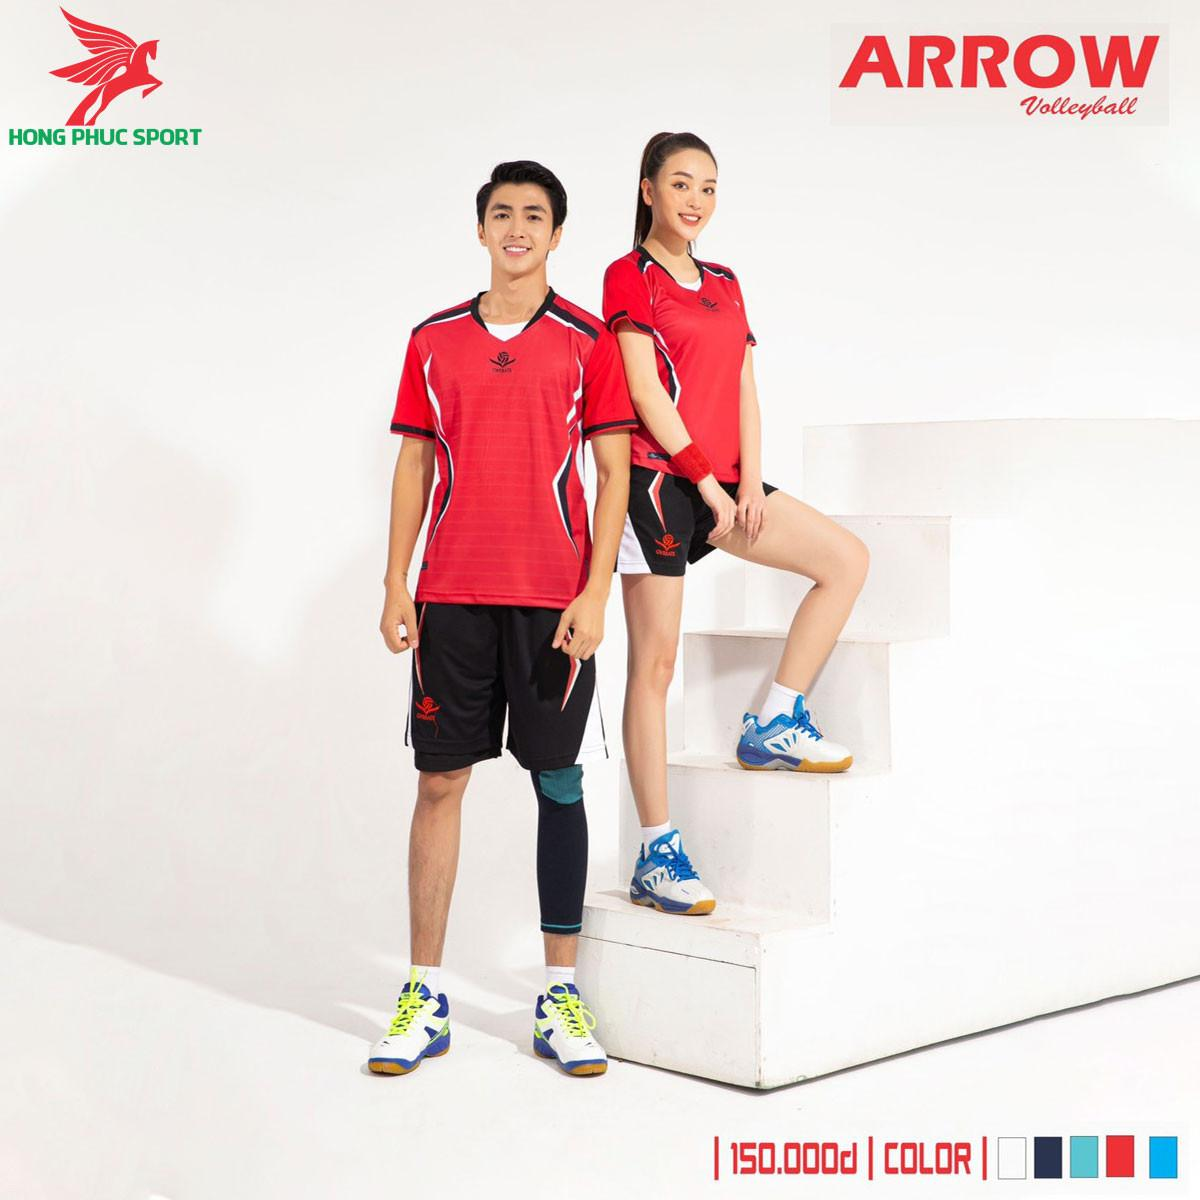 Áo thi đấu bóng chuyền Overate Arrow 2021 màu đỏ